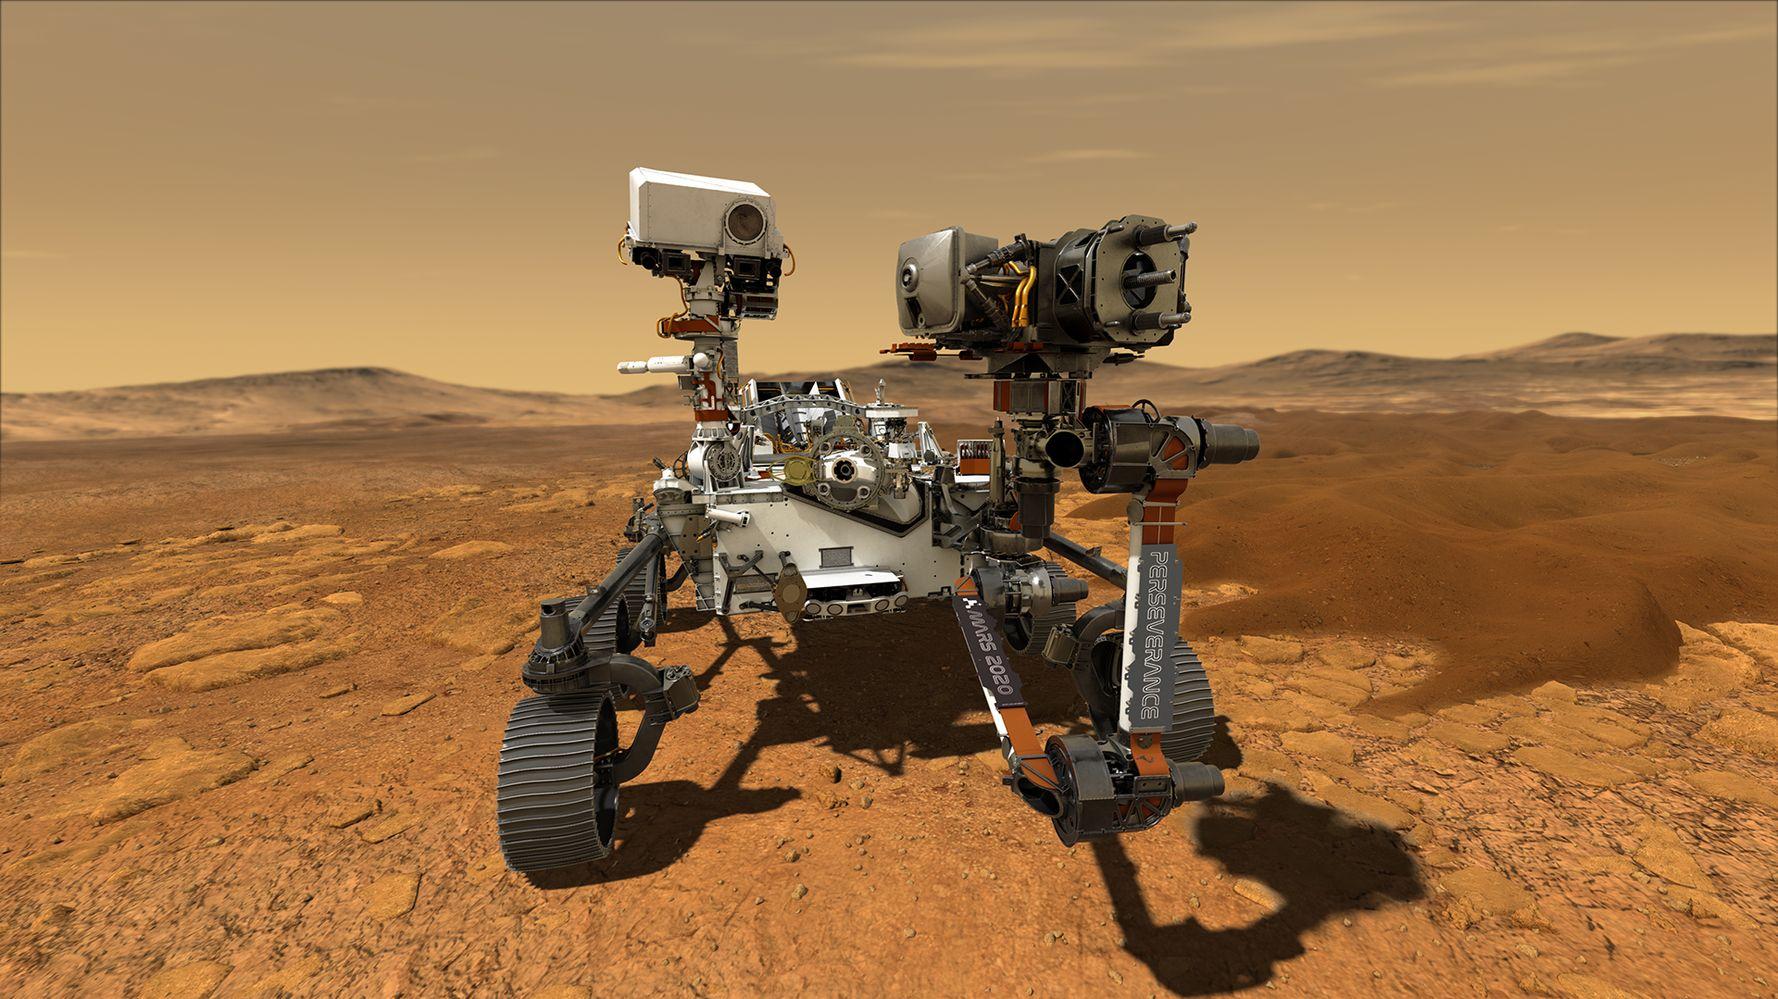 Rover Perseverance sur Mars: une mission spatiale en quête d'une vie passée